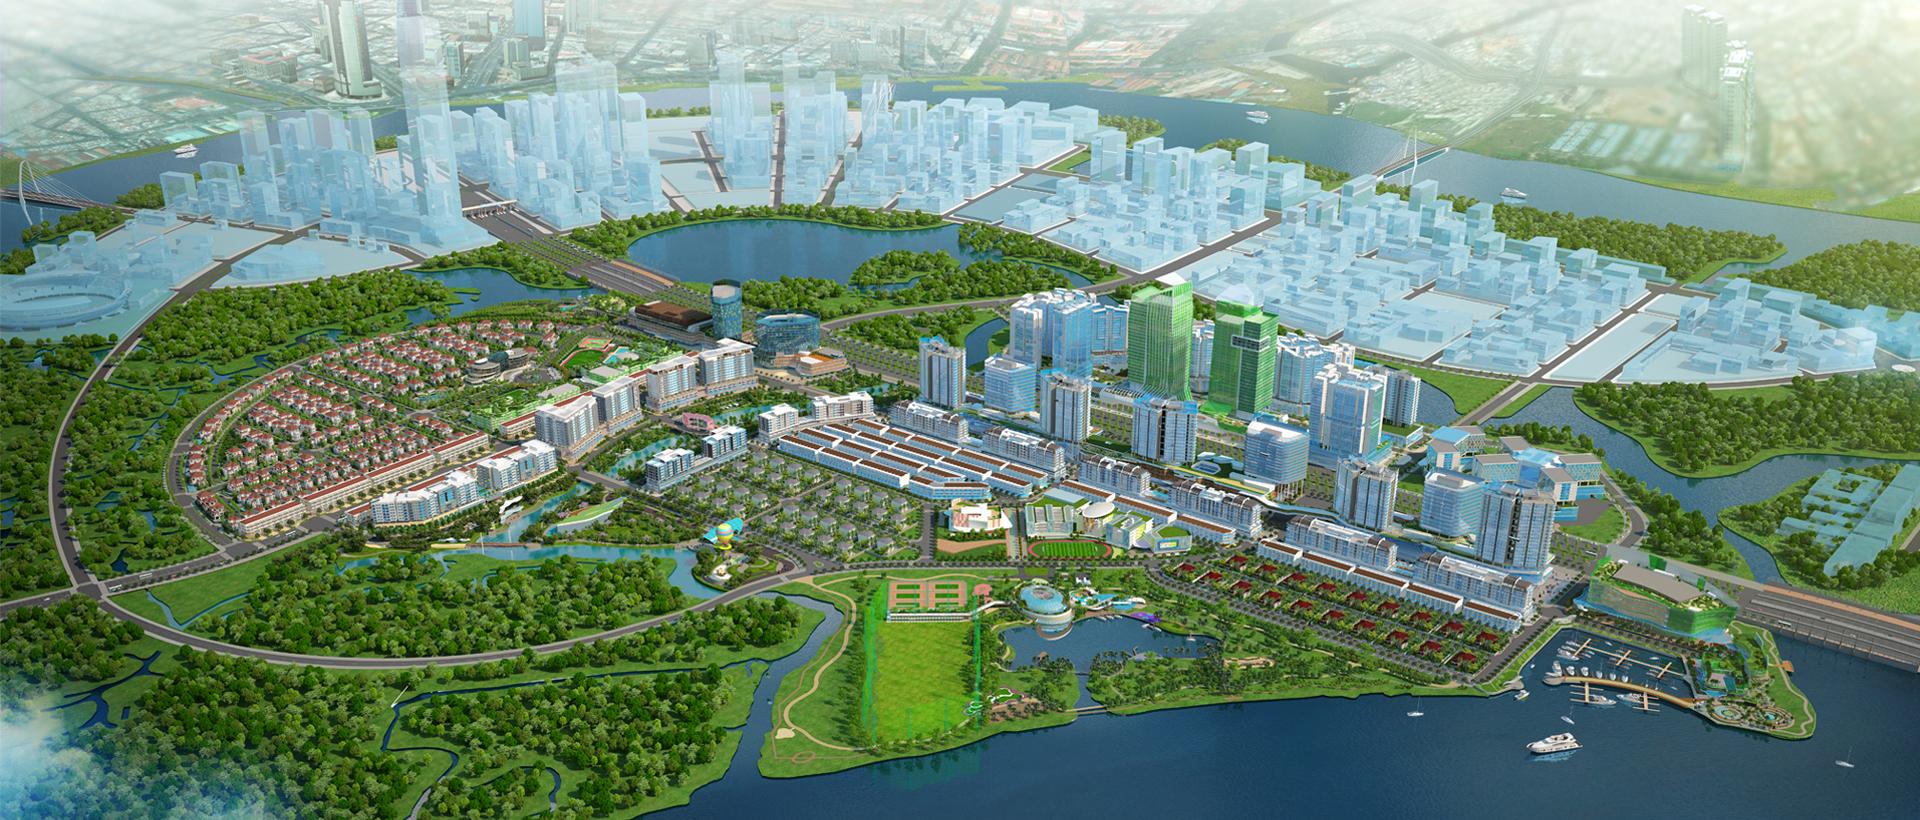 phát triển của của thành phố